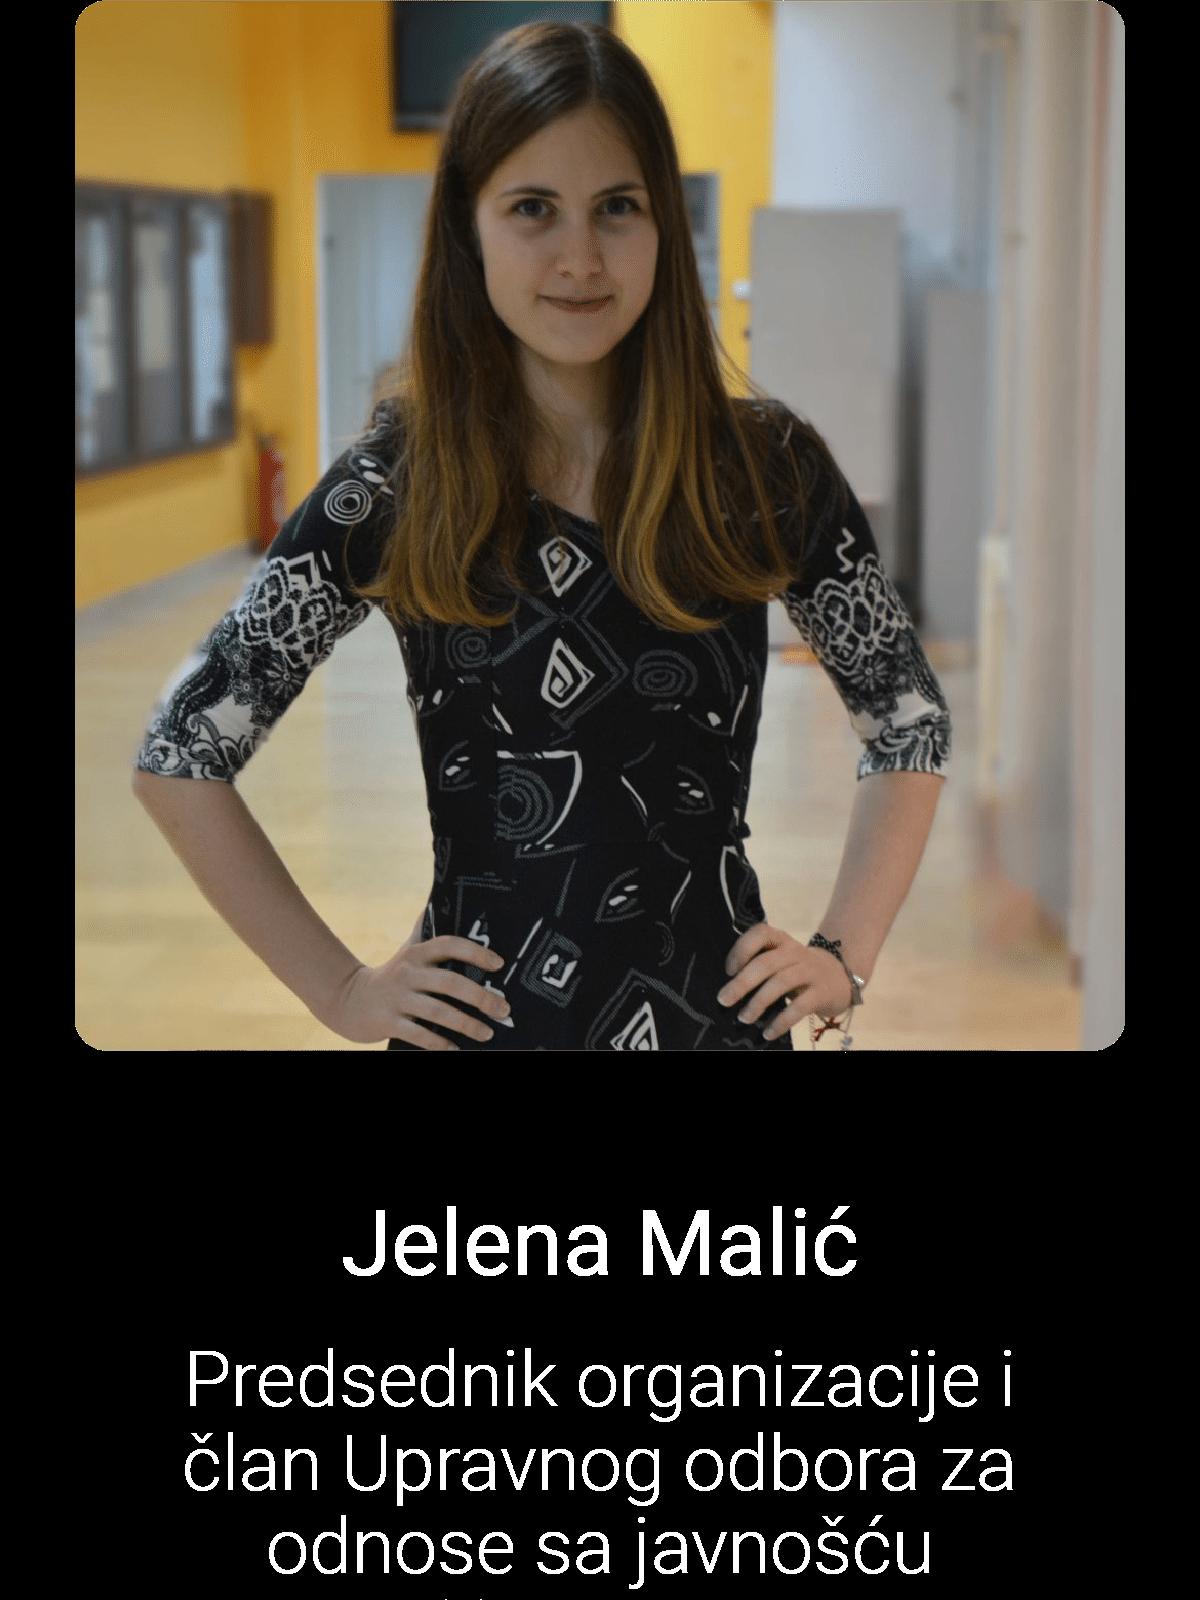 Jelena Malić